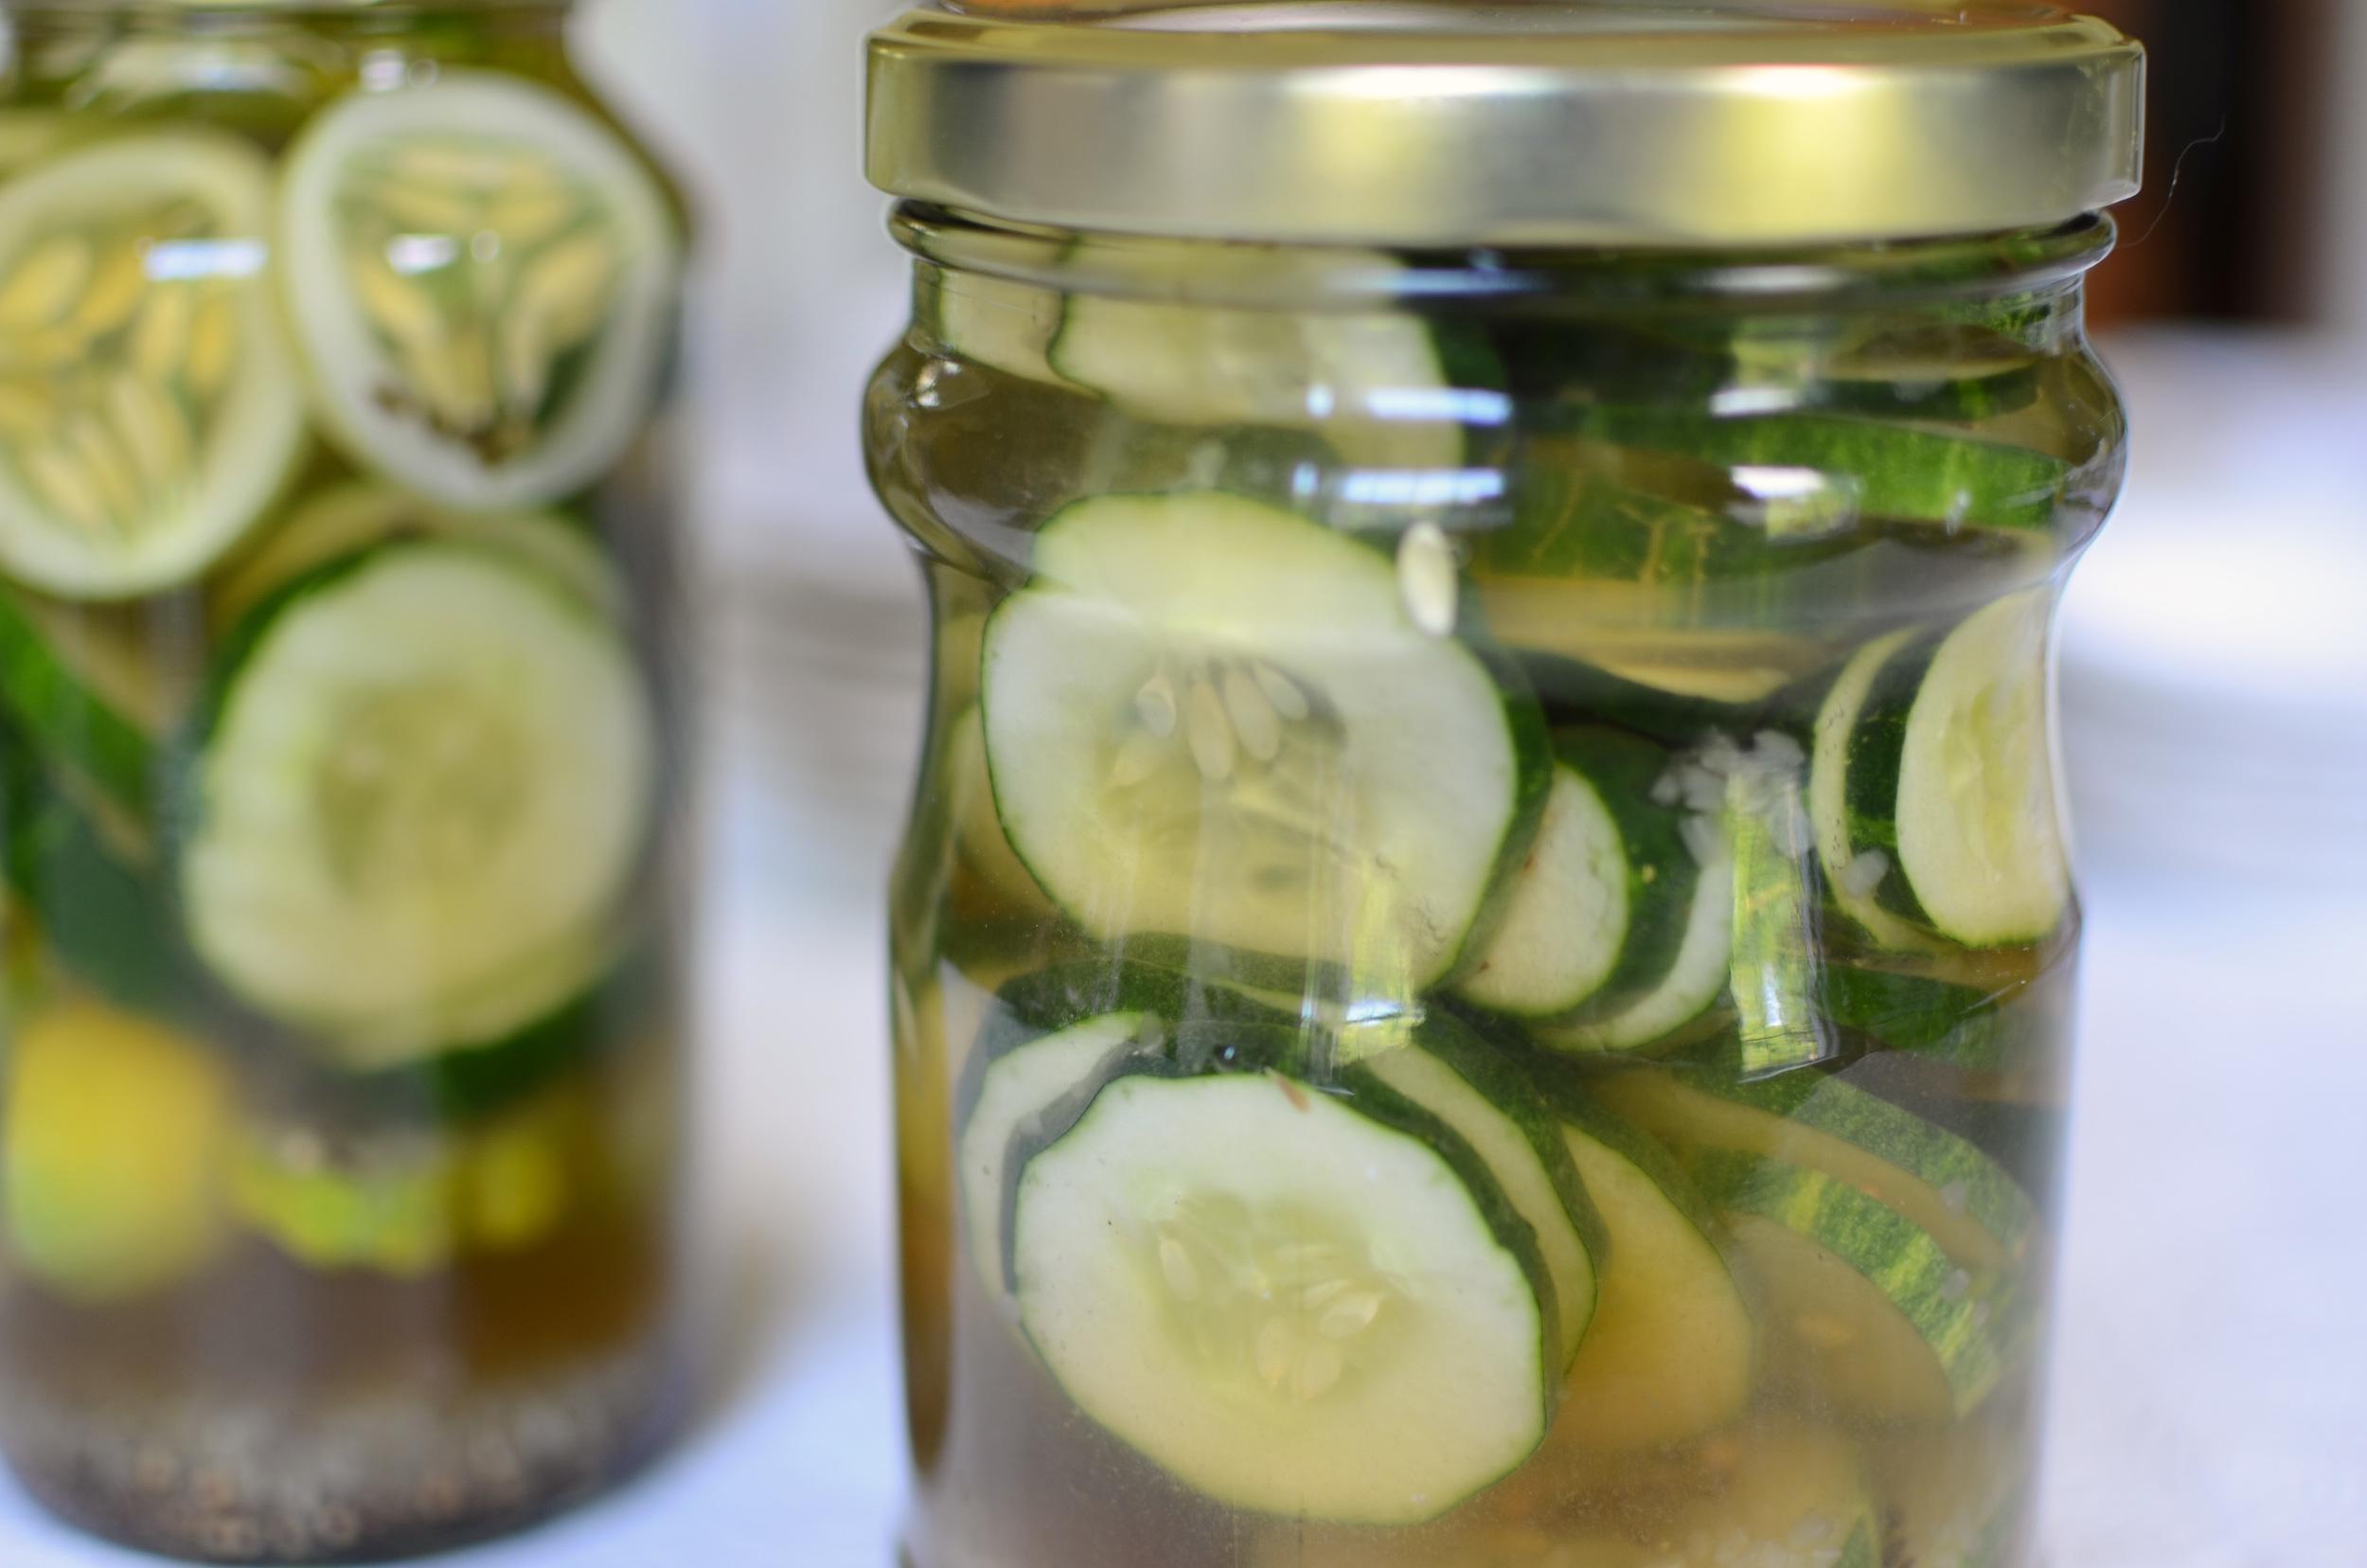 Claussen Dill Pickle Clone - ButterYum — Claussen Dill pickle recipe clone. Claussen pickle recipe. how to make pickles like Claussen. how to make dill pickles. homemade dill pickles. making dill pickles at home. how to make dill pickles. best dill pickle recipe.